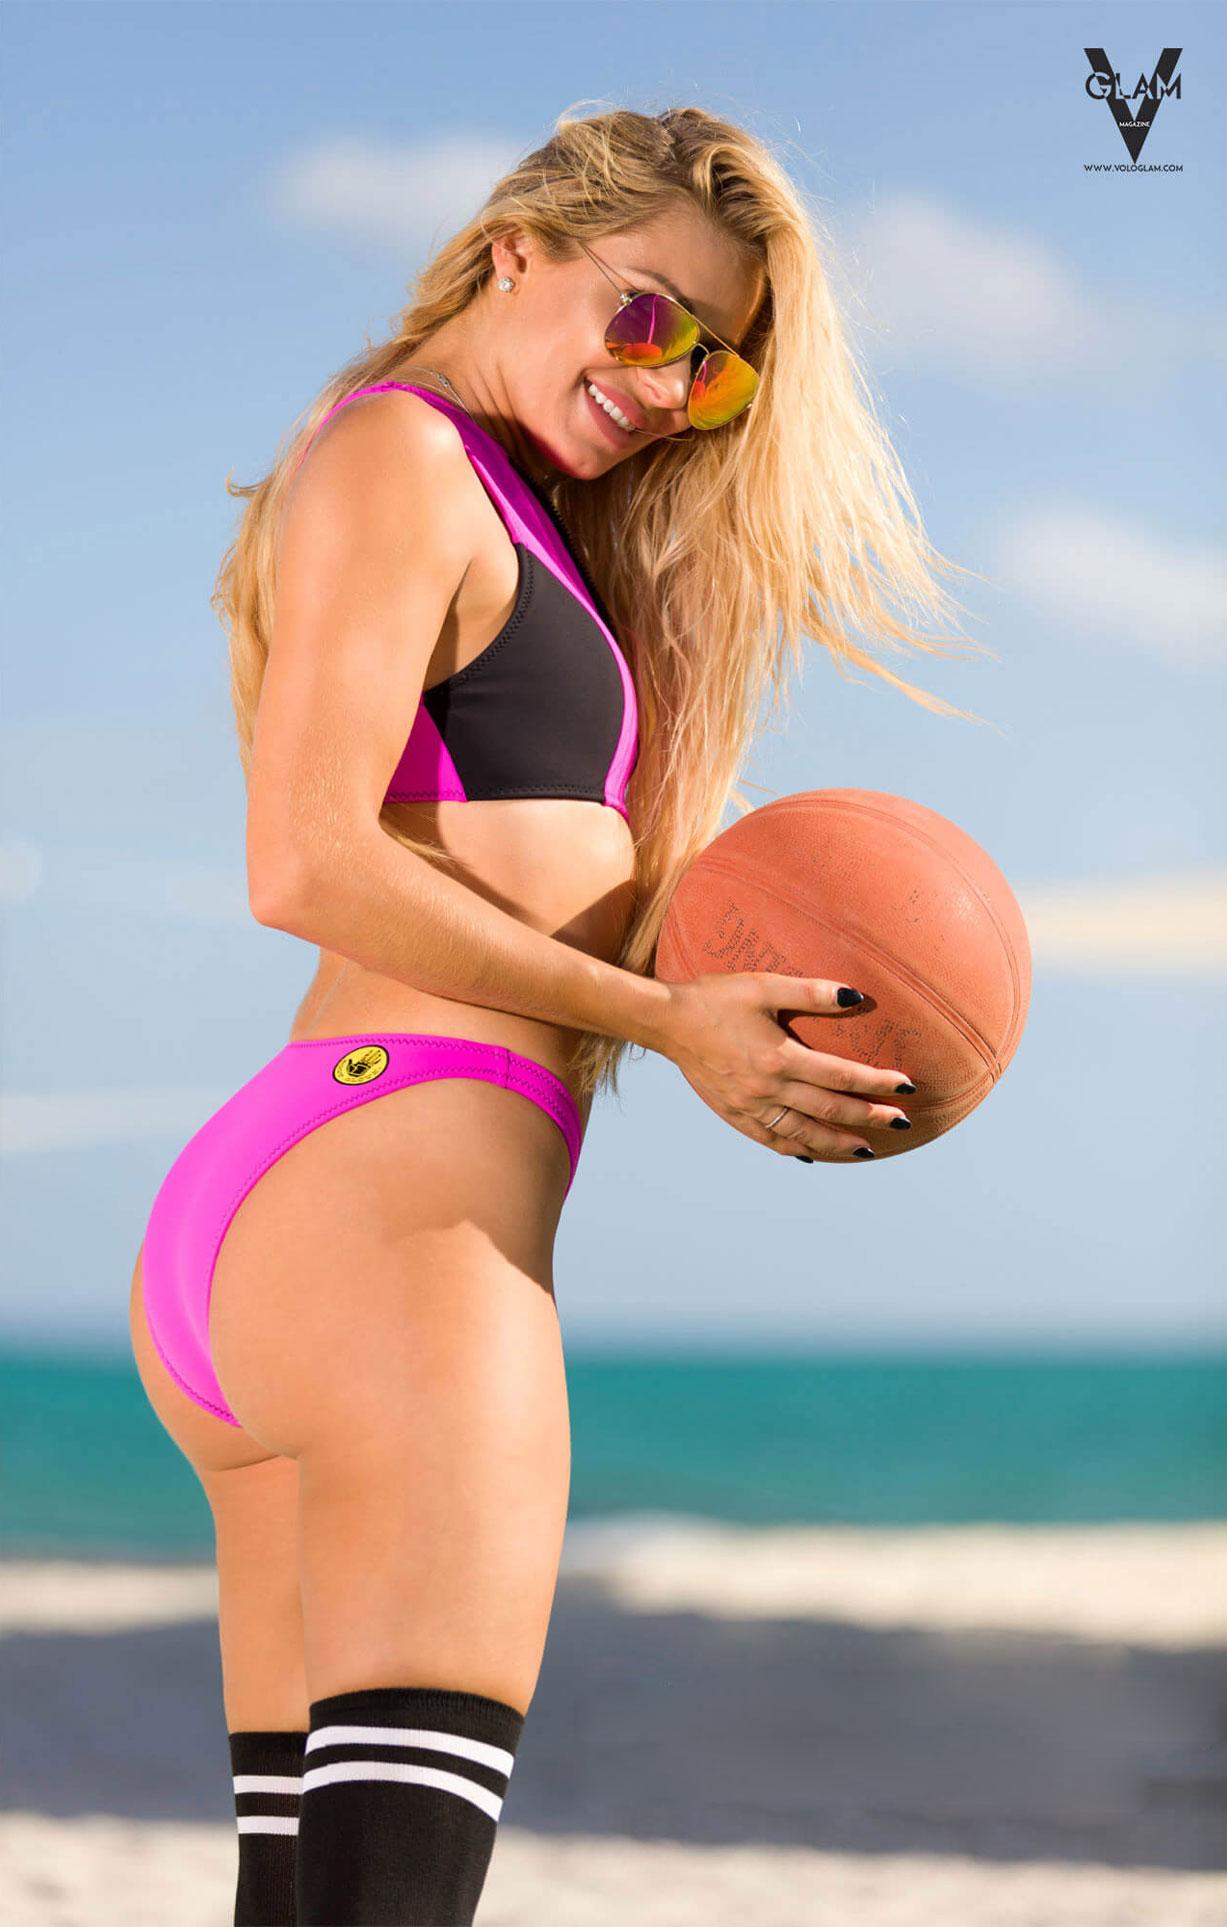 Пляжные развлечения на Багамах с Аней Бентон / Anya Benton by Simon Nadler